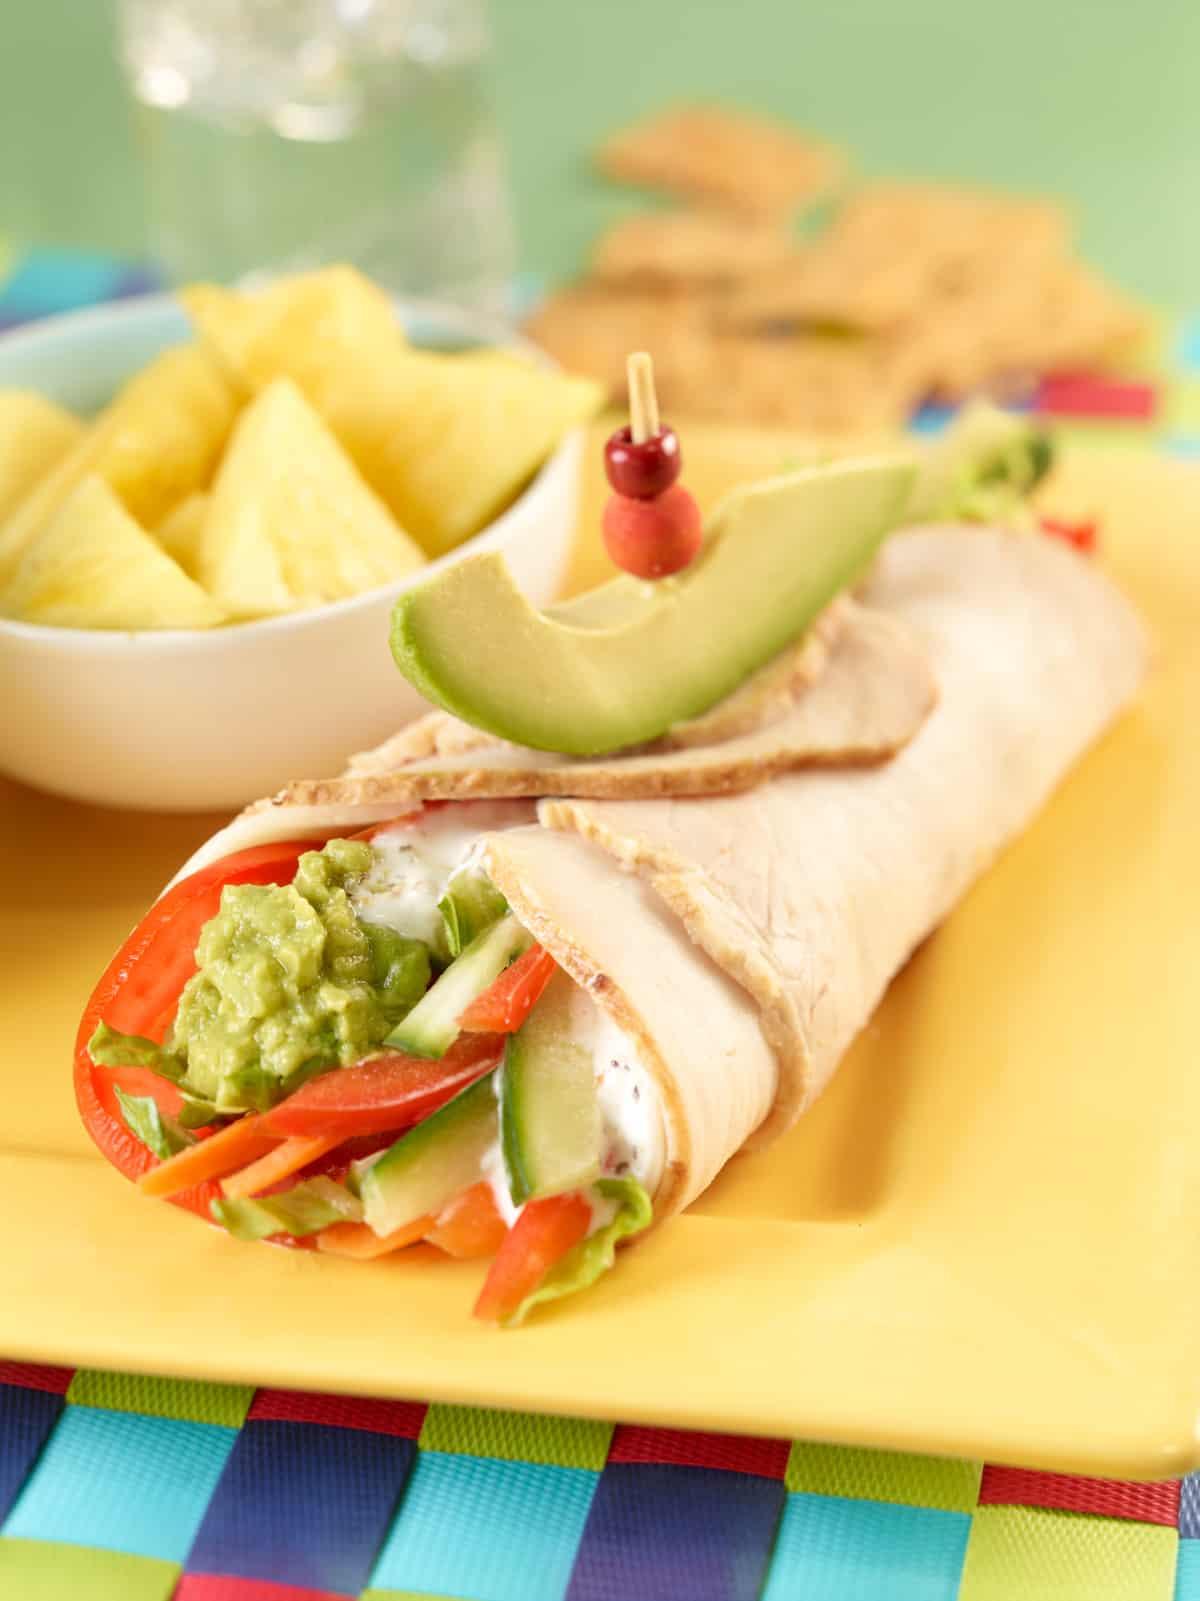 Best Avocado Turkey Wrap